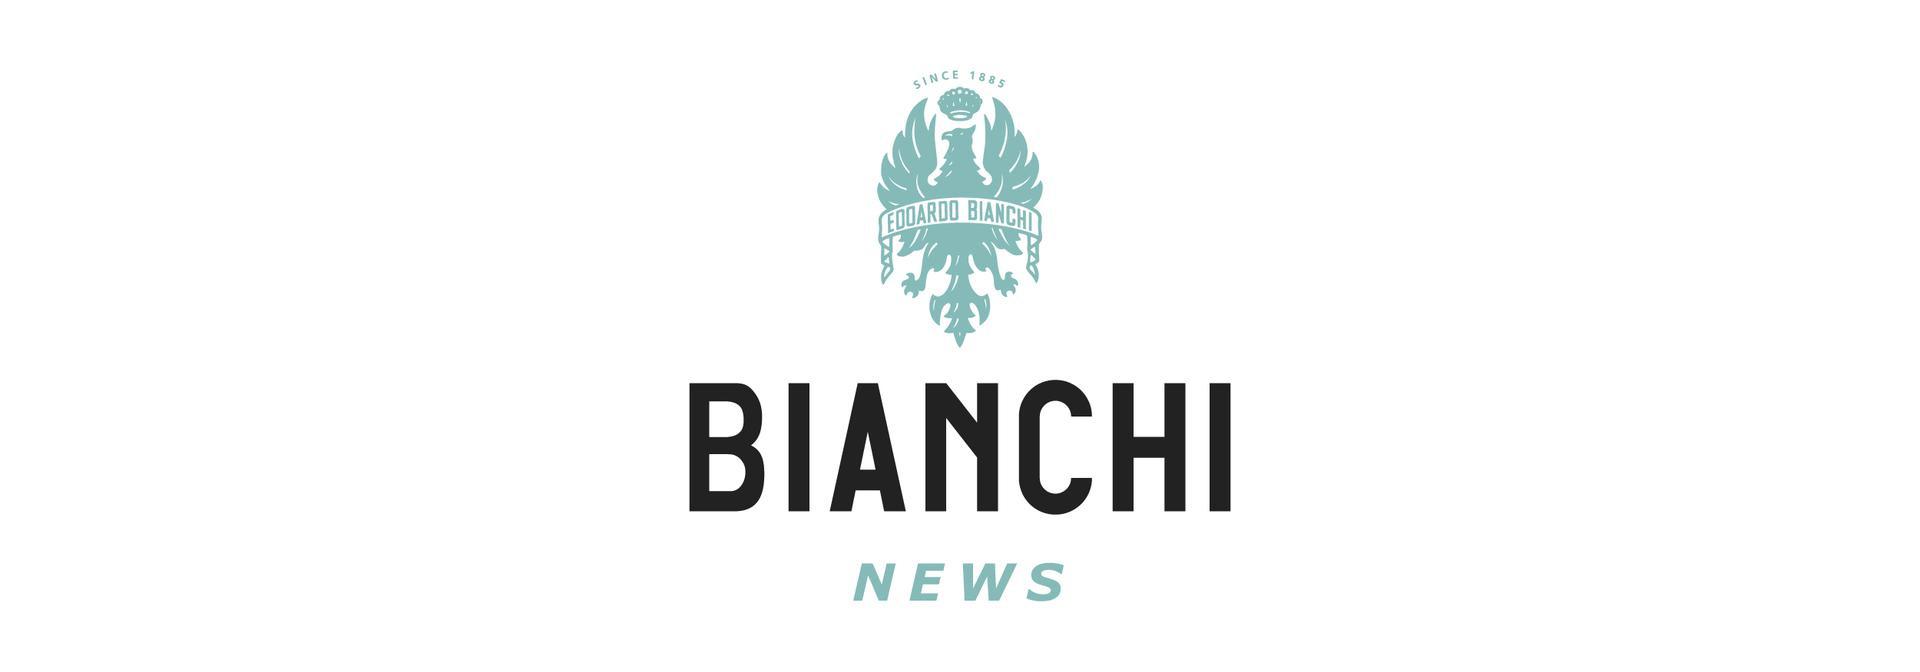 Tiêu đề Bianchi